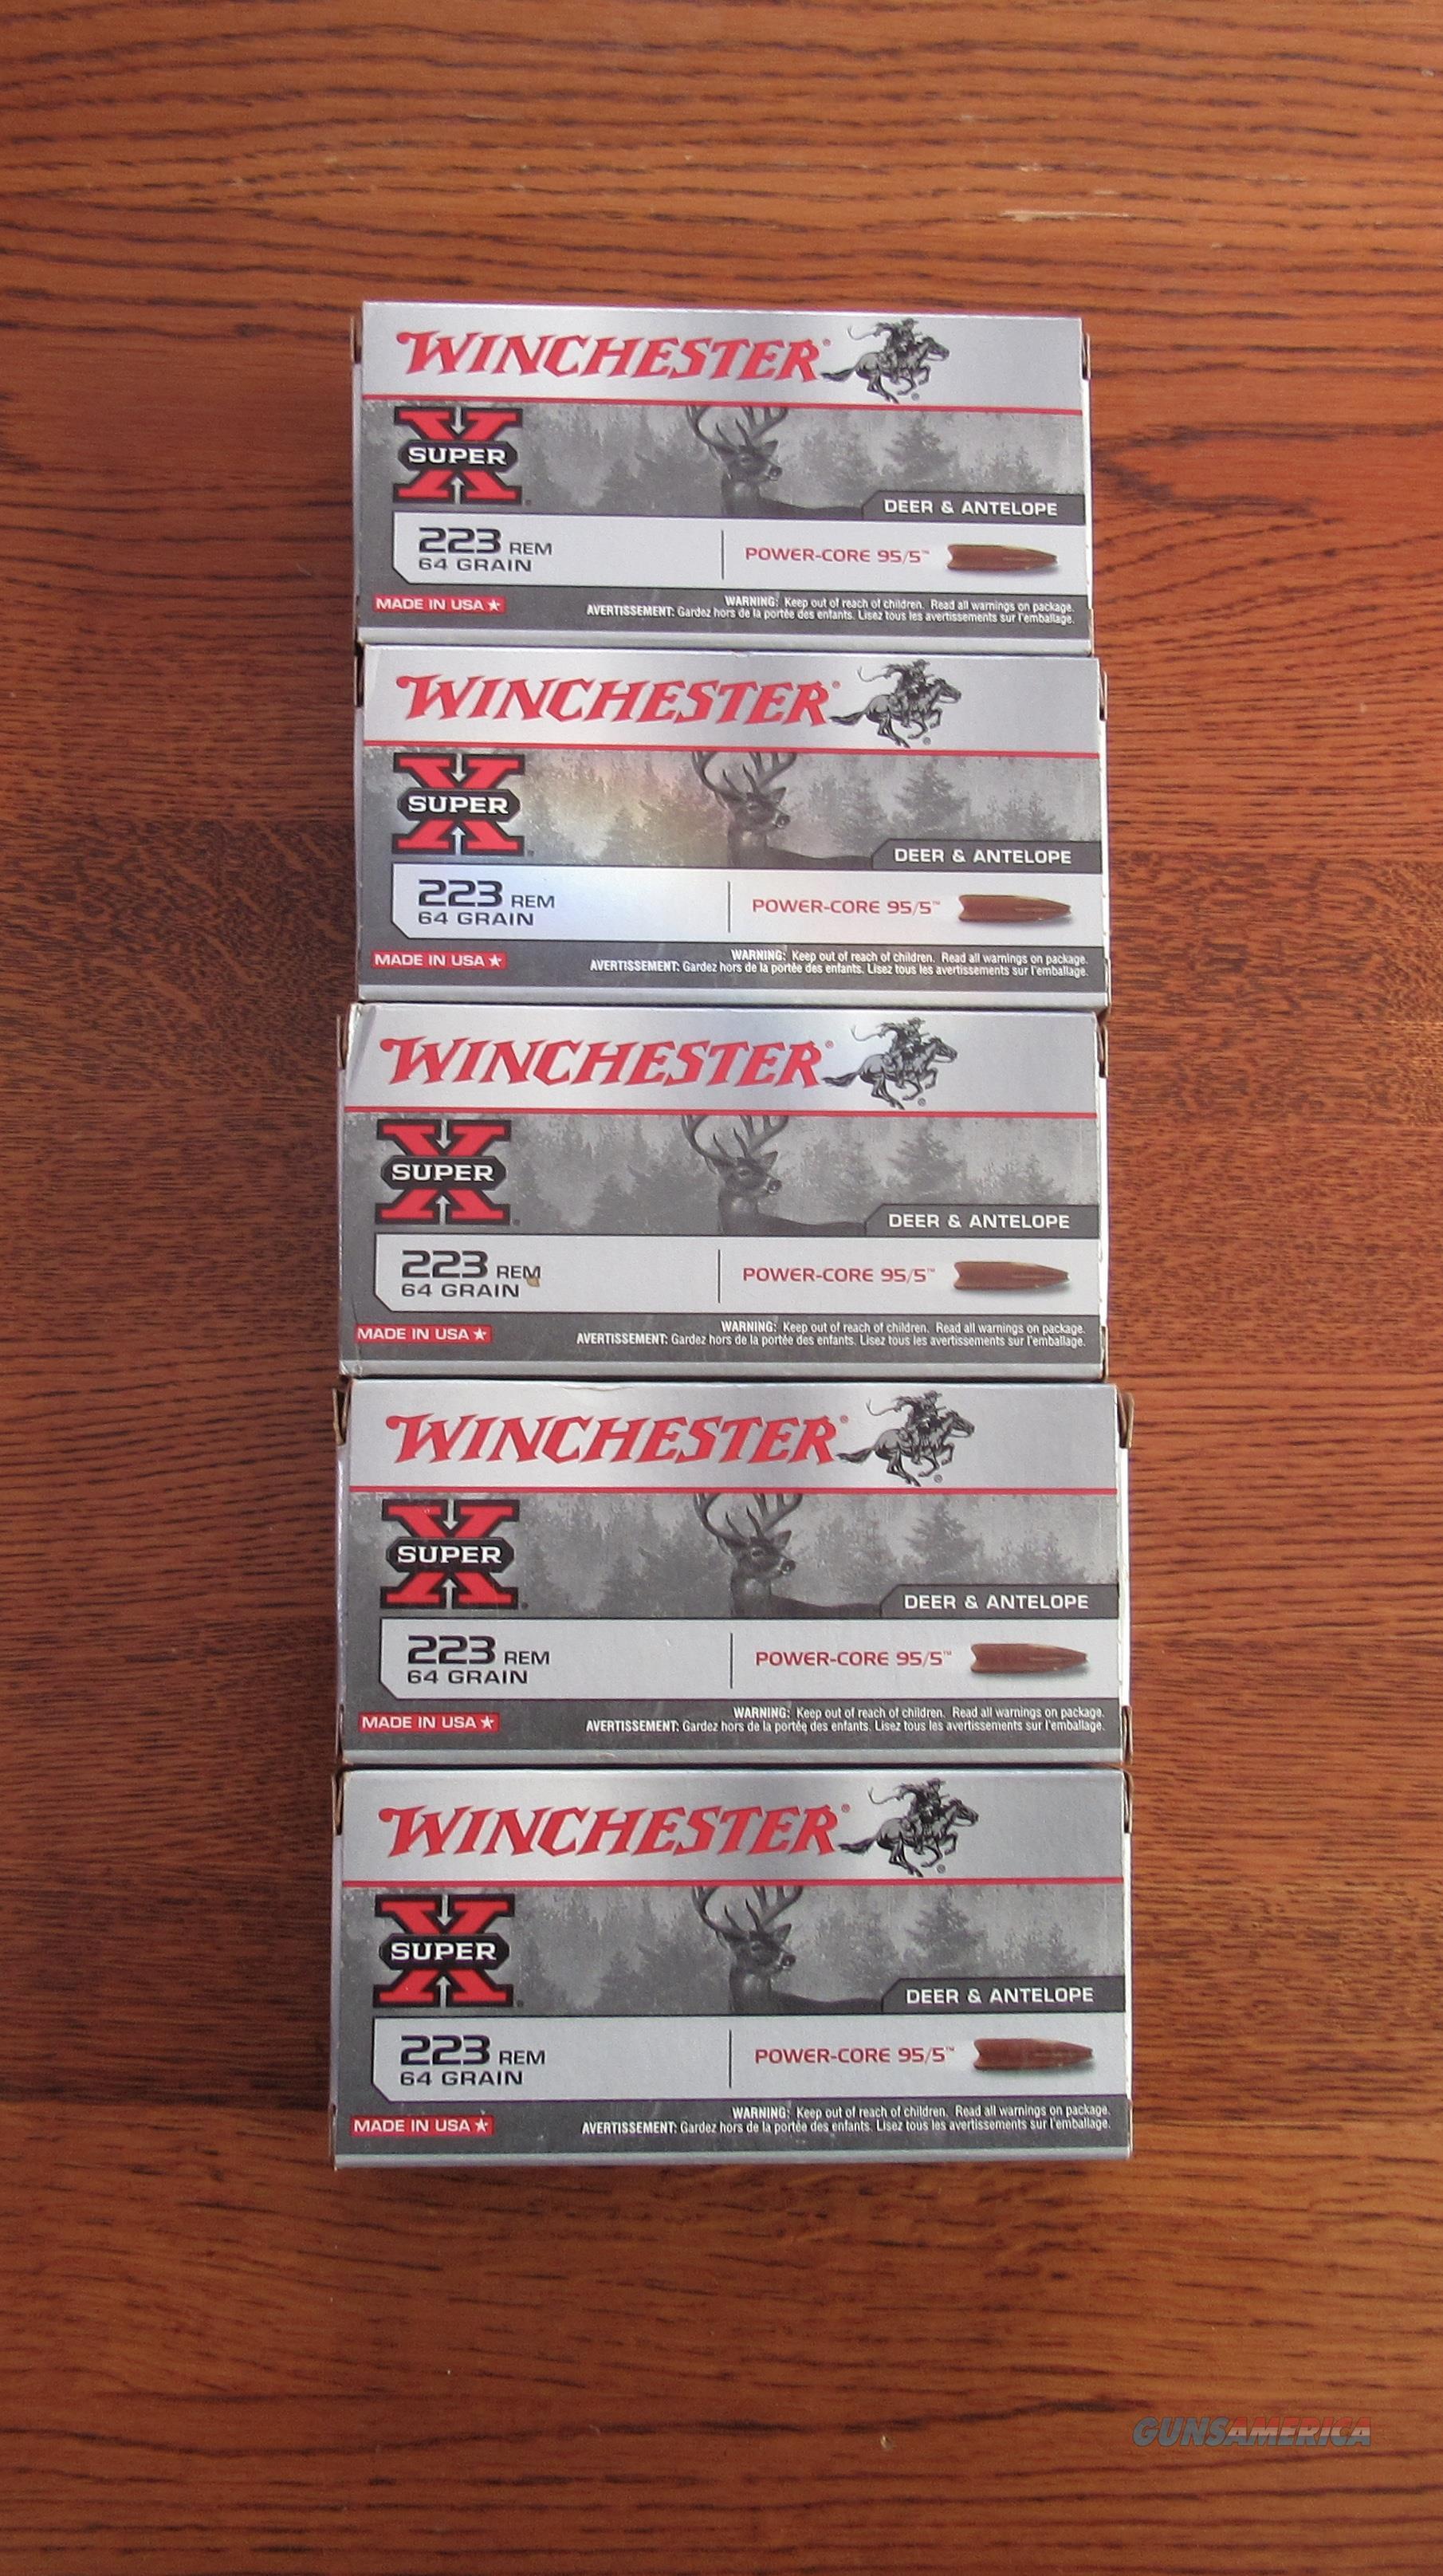 WINCHESTER SUPER X 223 POWER CORE 95/5 DEER & ANTELOPE 64 GR HP AMMO 5 BOXES/20  Non-Guns > Ammunition